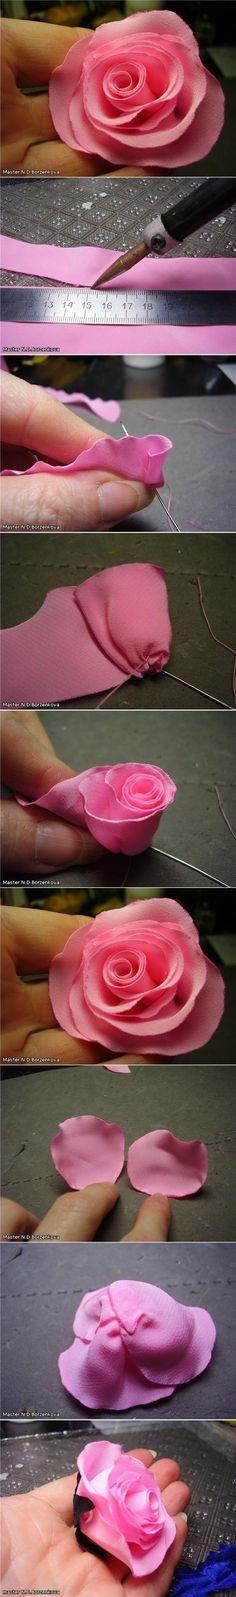 DIY Pretty Fabric Rose